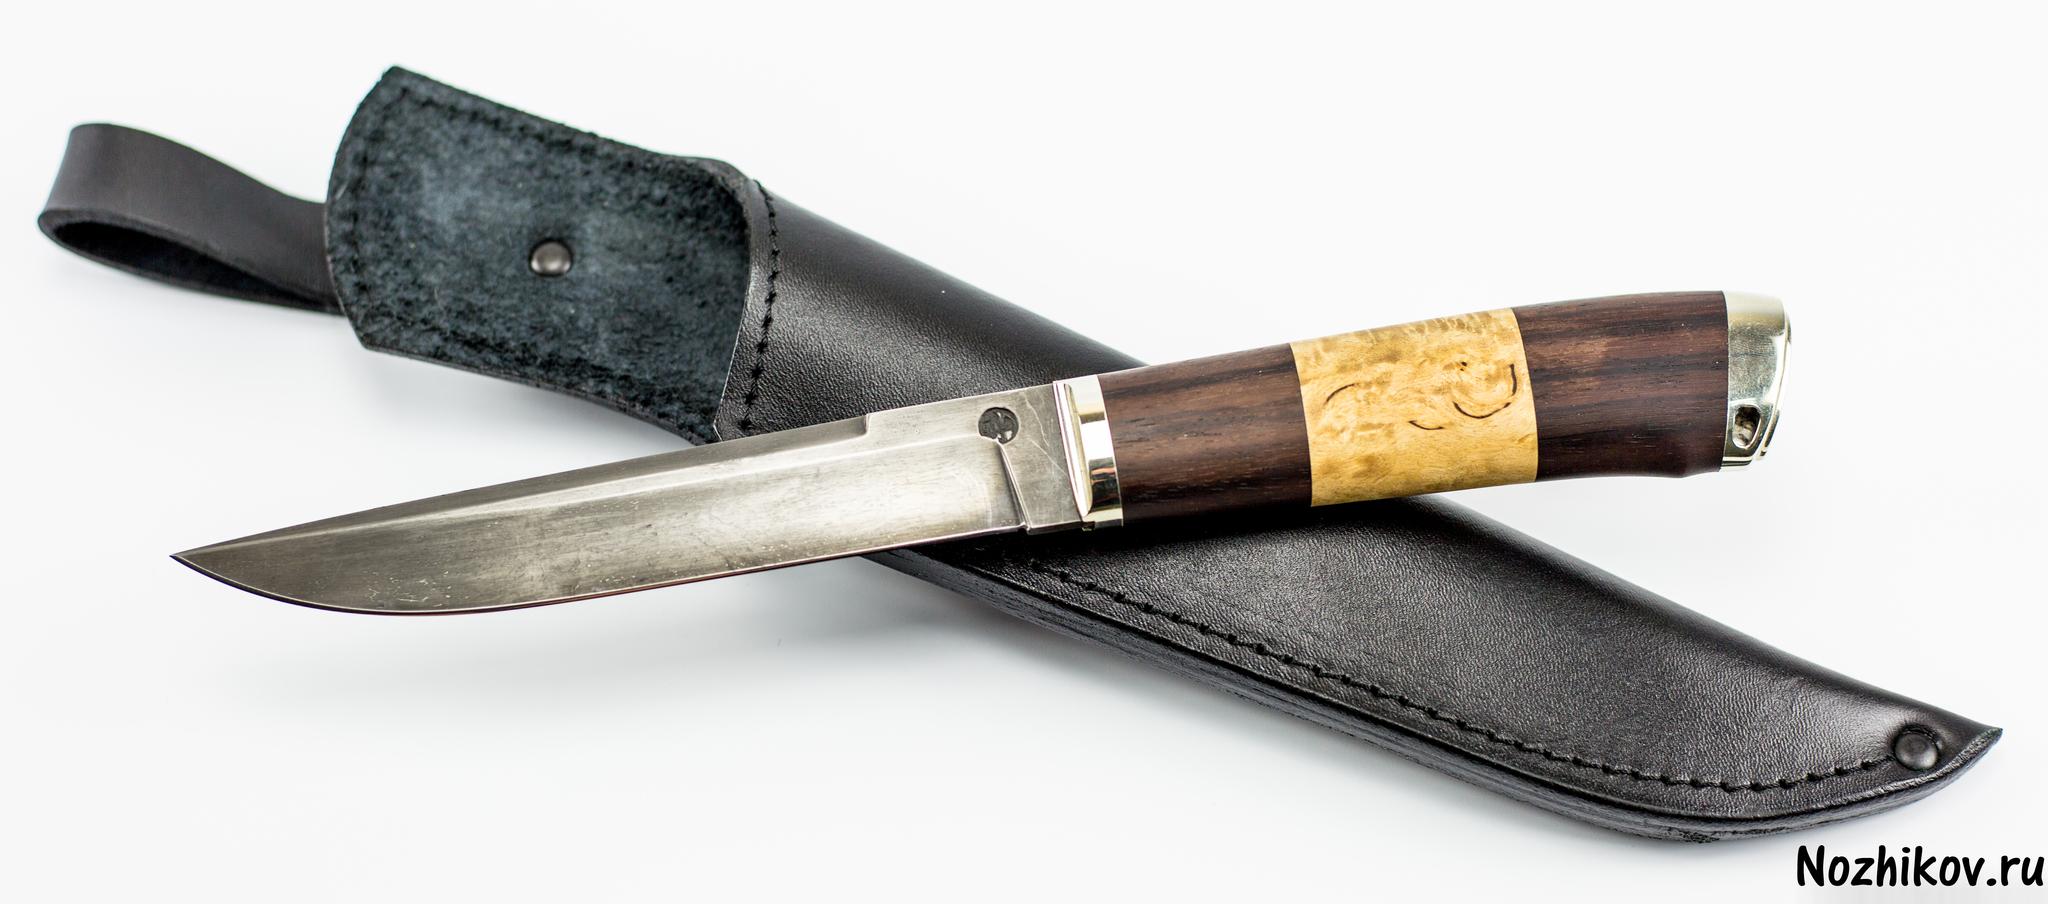 Авторский нож из тигельного булата №3, от Приказчикова, от ПриказчиковаНожи Павлово<br><br>